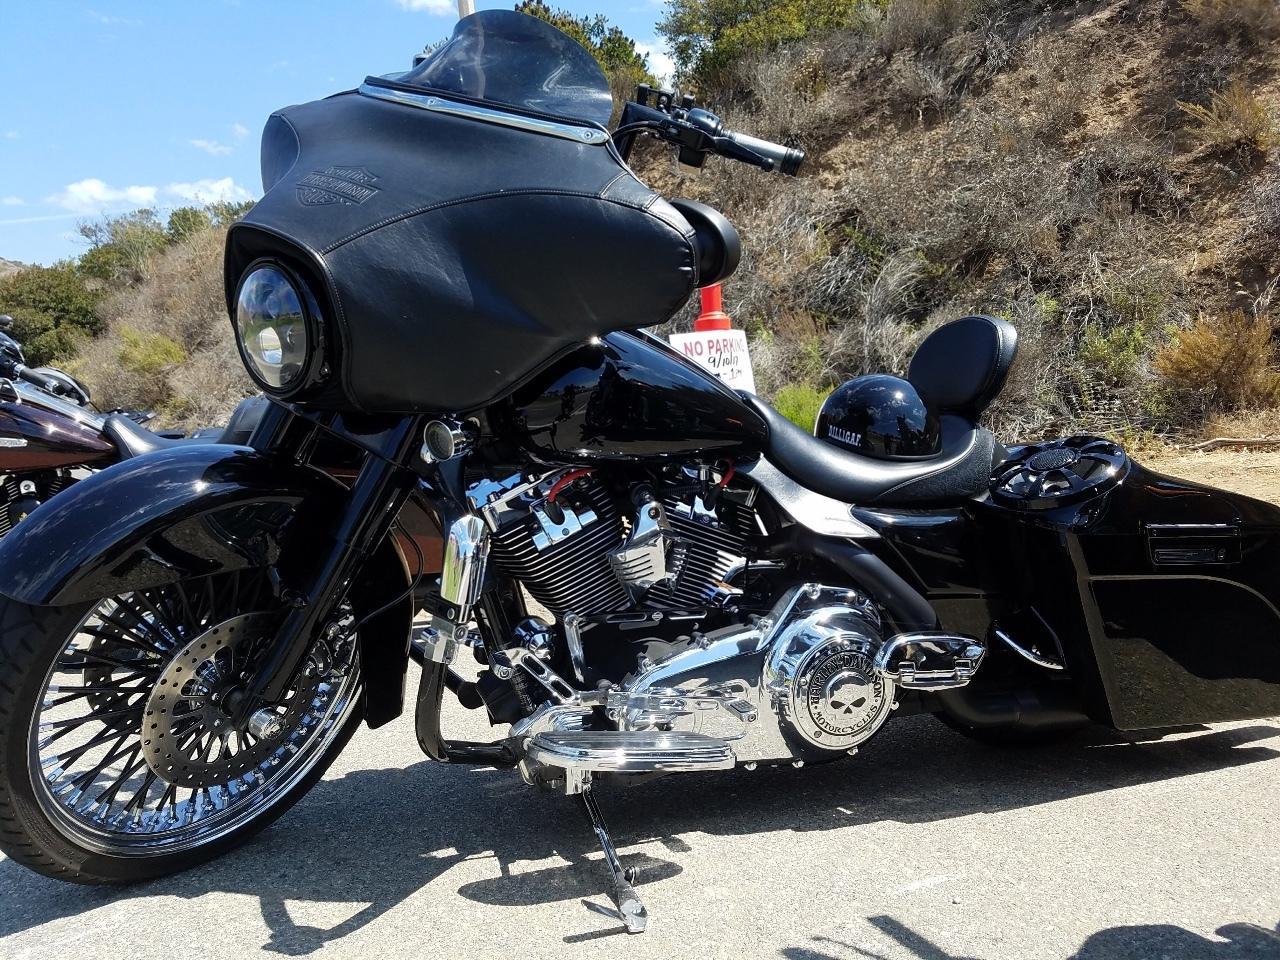 79337439af2bd1 CA - 2 Harley-Davidson STREET GLIDE Near Me - Cycle Trader